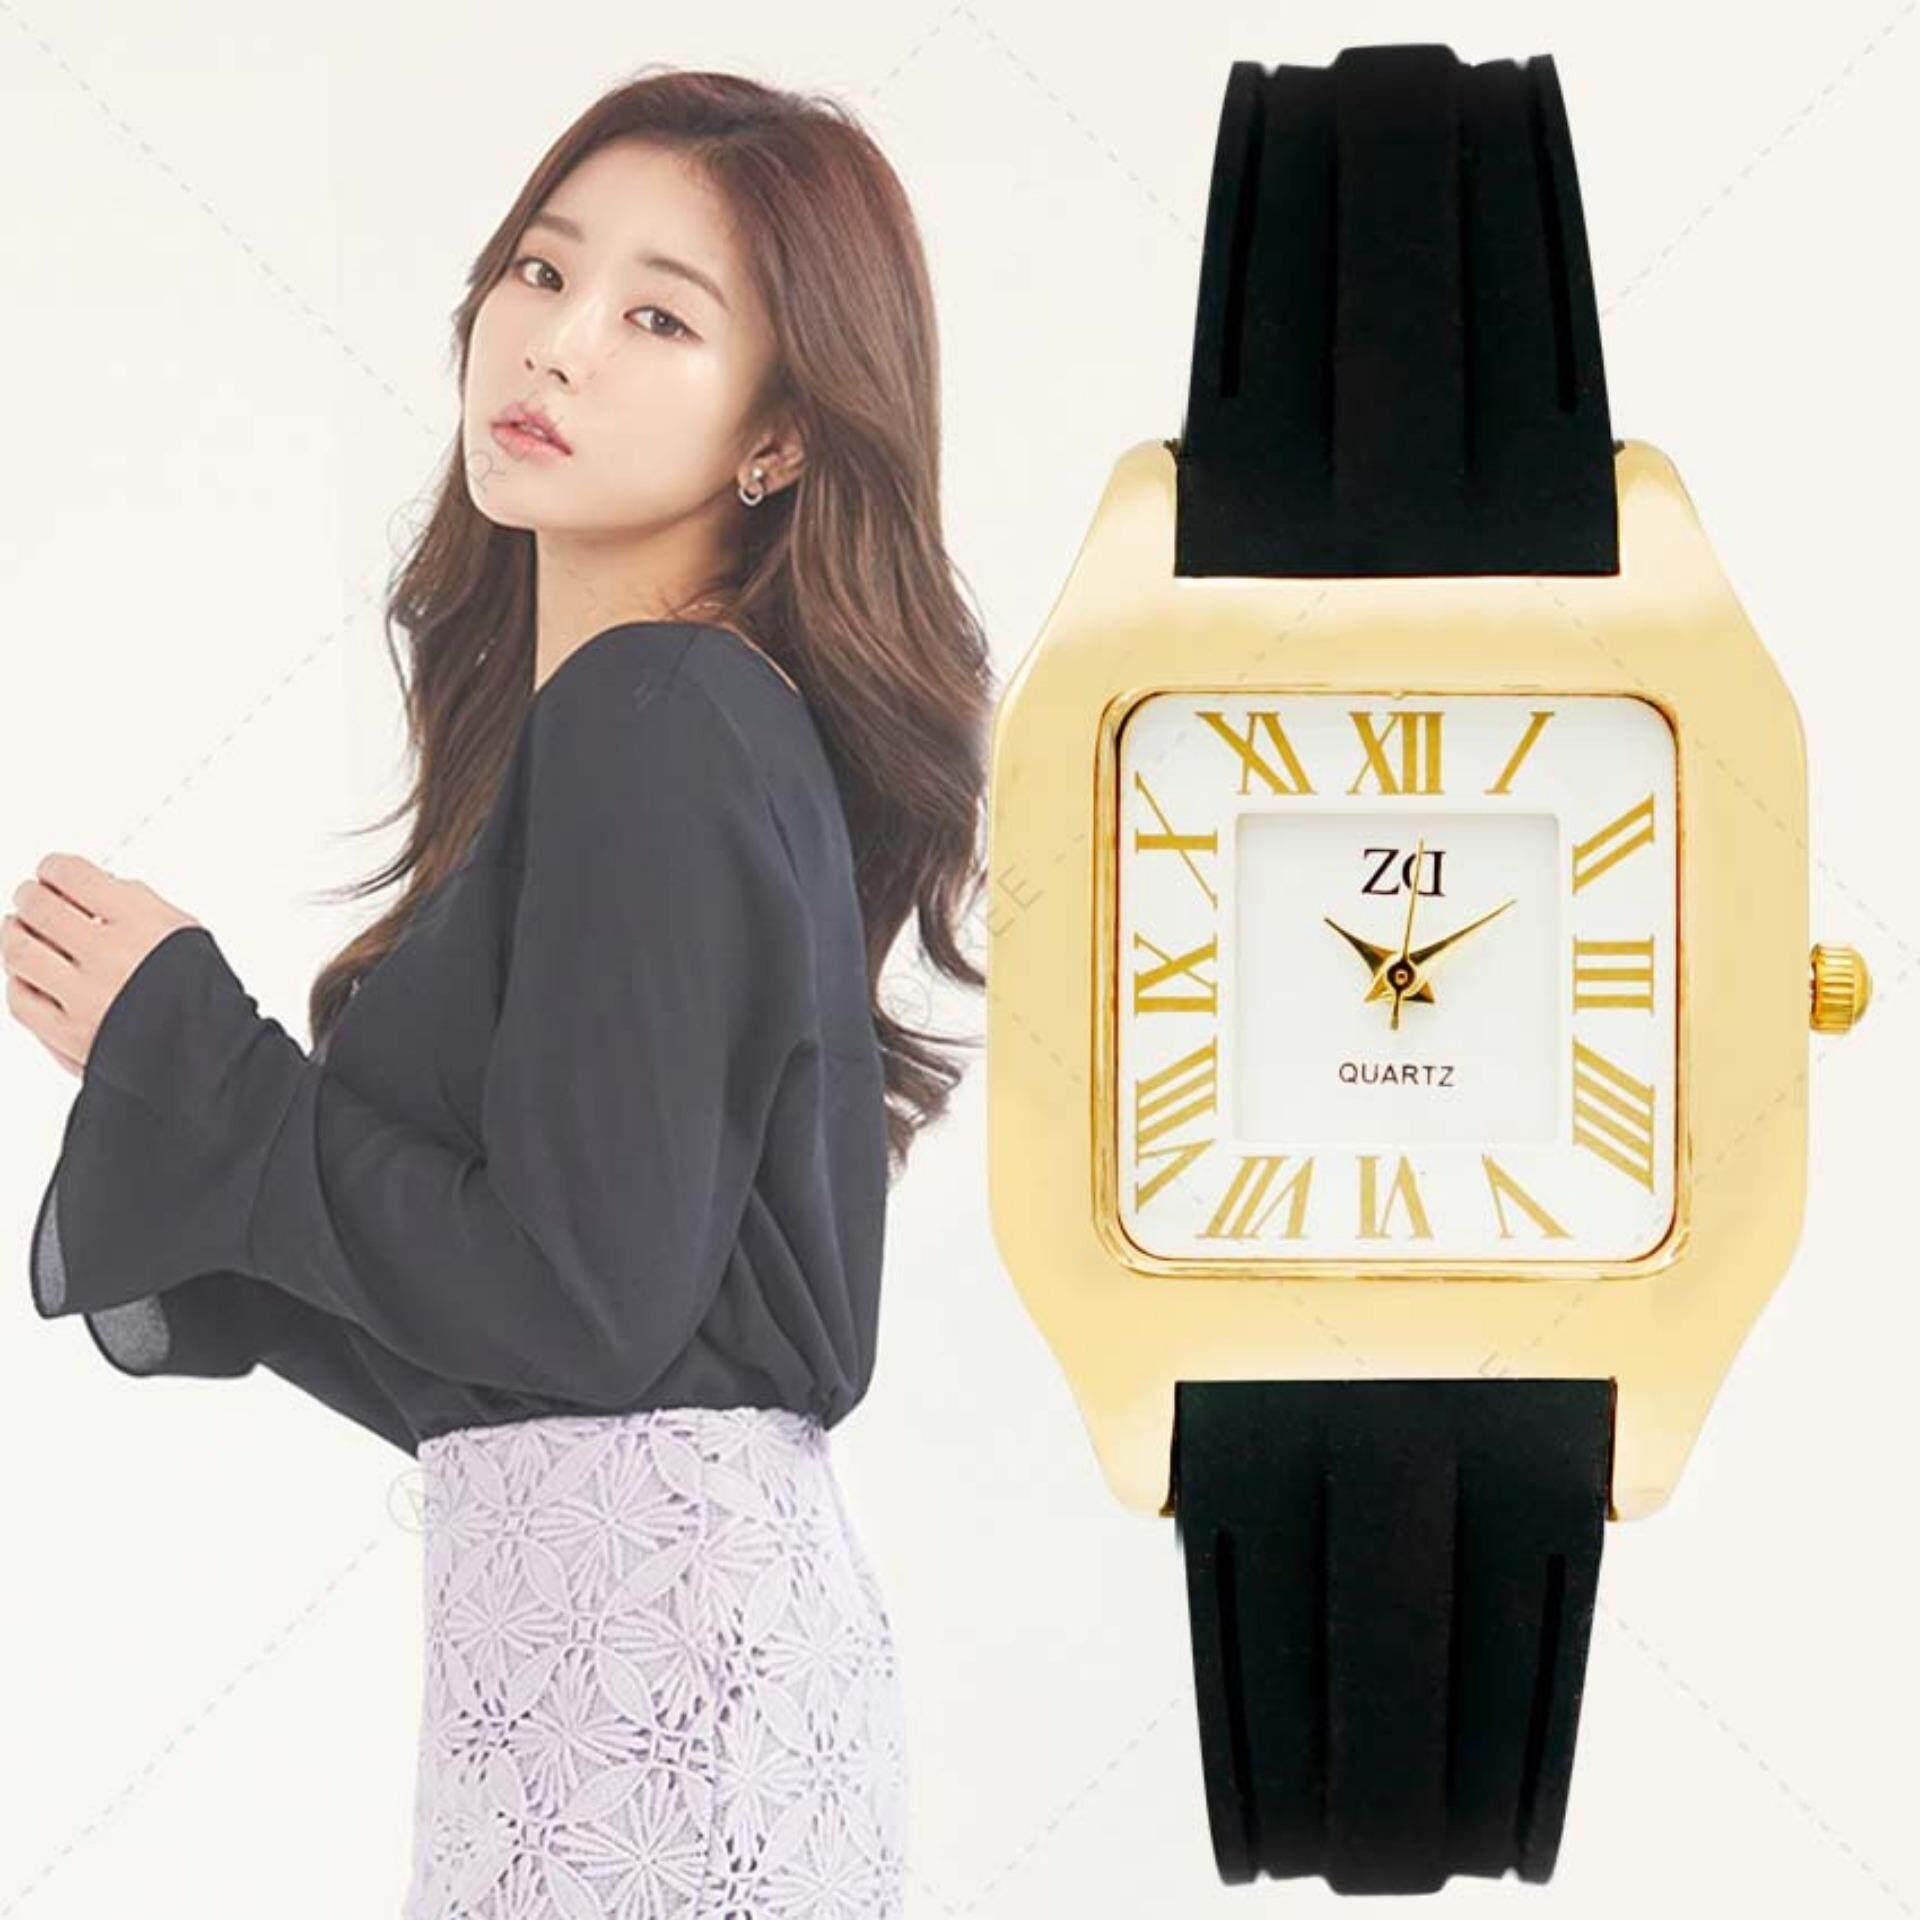 ราคา Zazzy Dolls นาฬิกาข้อมือผู้หญิง หน้าปัดดีไซน์เก๋ สไตล์เกาหลี สายเรซิ่นสีดำ รุ่น Zd 0125 สีดำ Black Zazzy Dolls เป็นต้นฉบับ